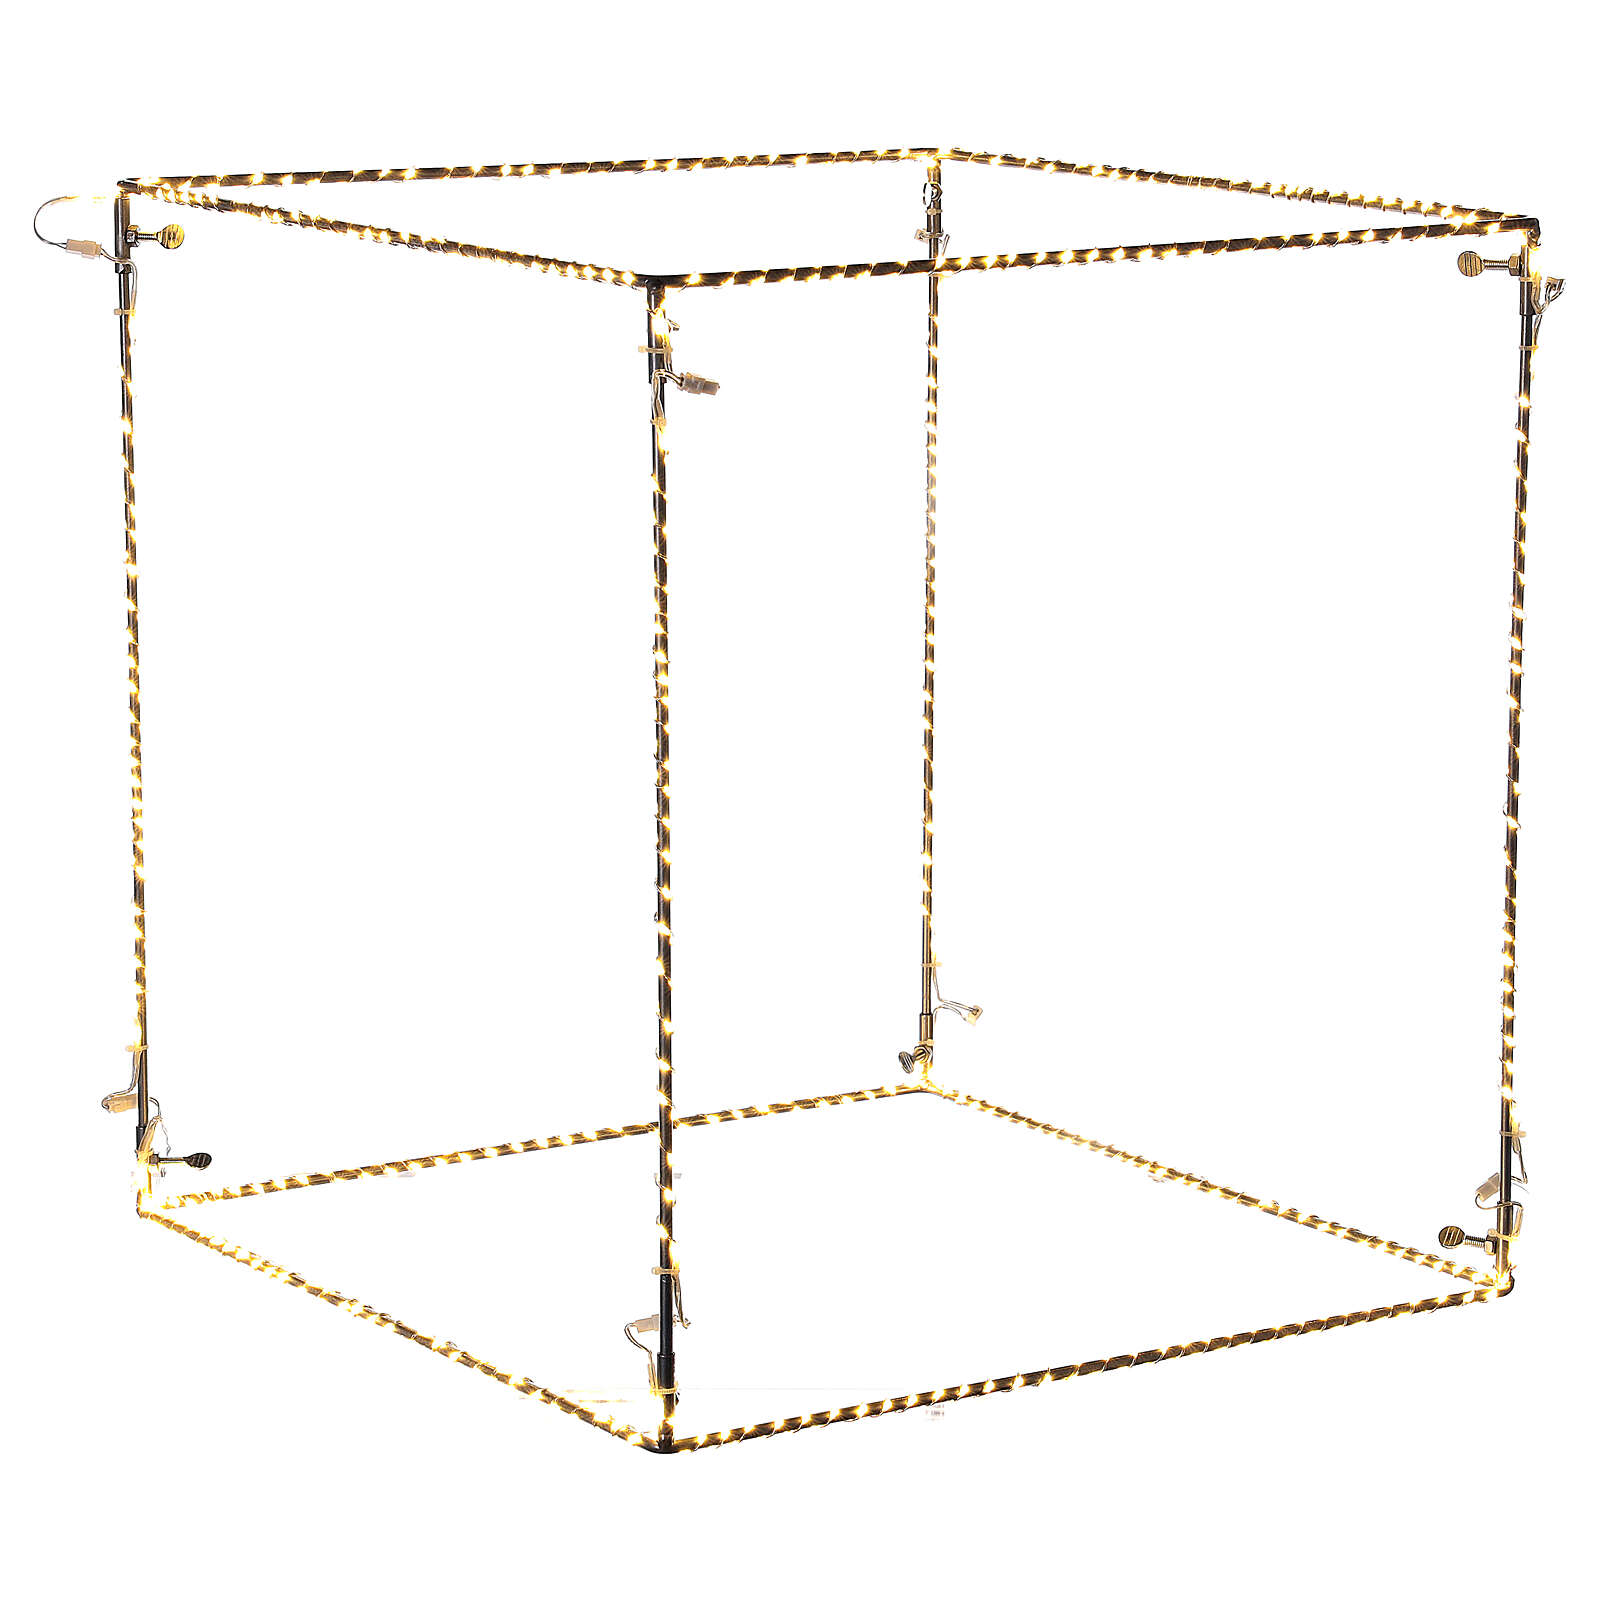 Cubo luminoso 60 cm con 880 gota led blanco cálido interior corriente 3